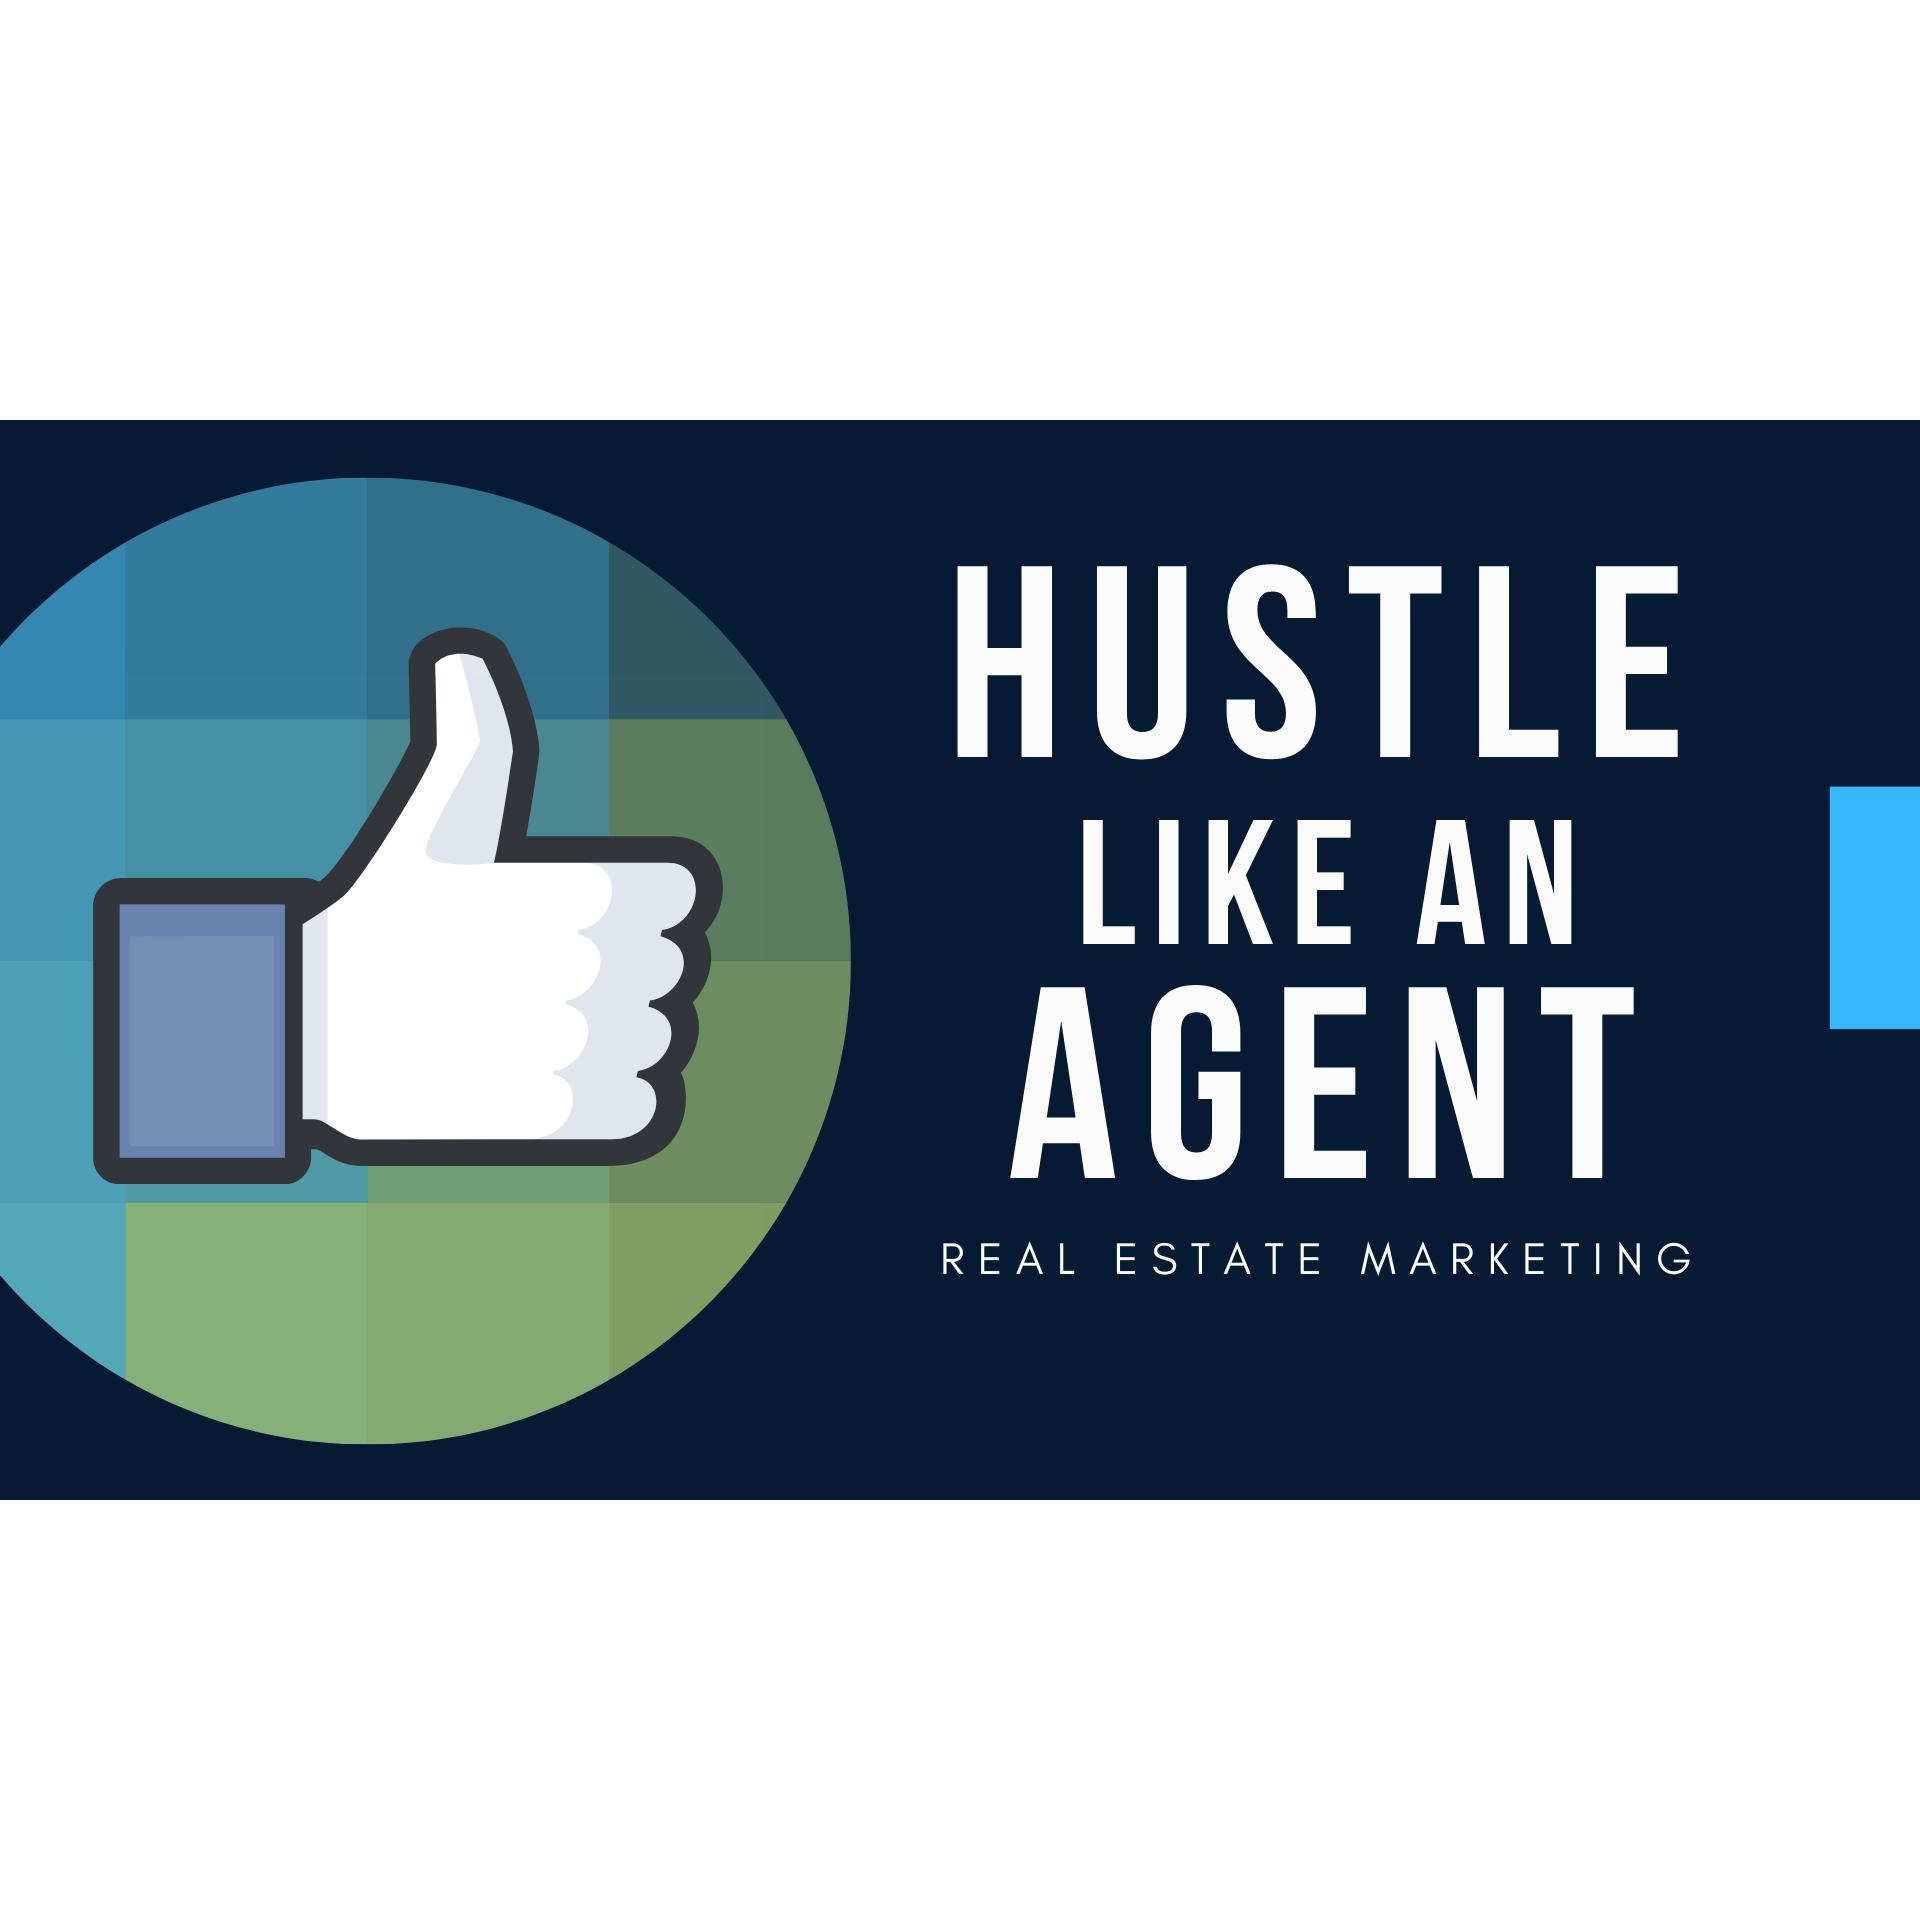 Hustle Like An Agent